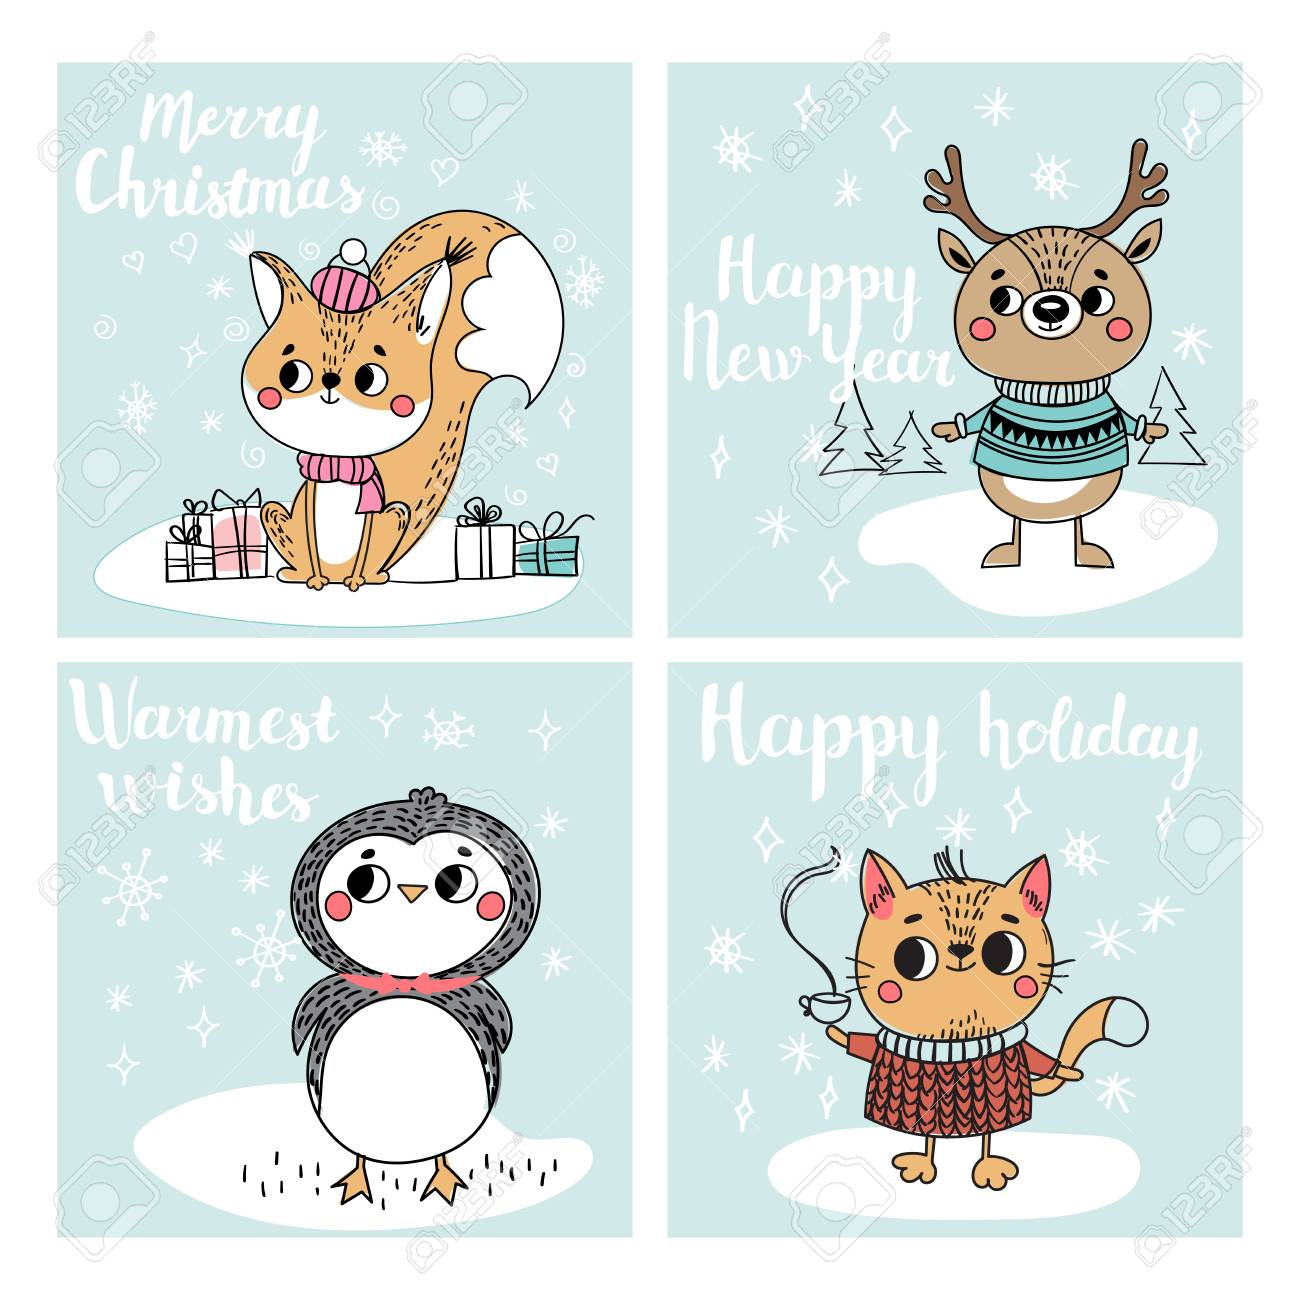 Lustige Weihnachtspersönlichkeiten. Weihnachtsfiguren Tiere. Sammlung mit  Weihnachtskarten